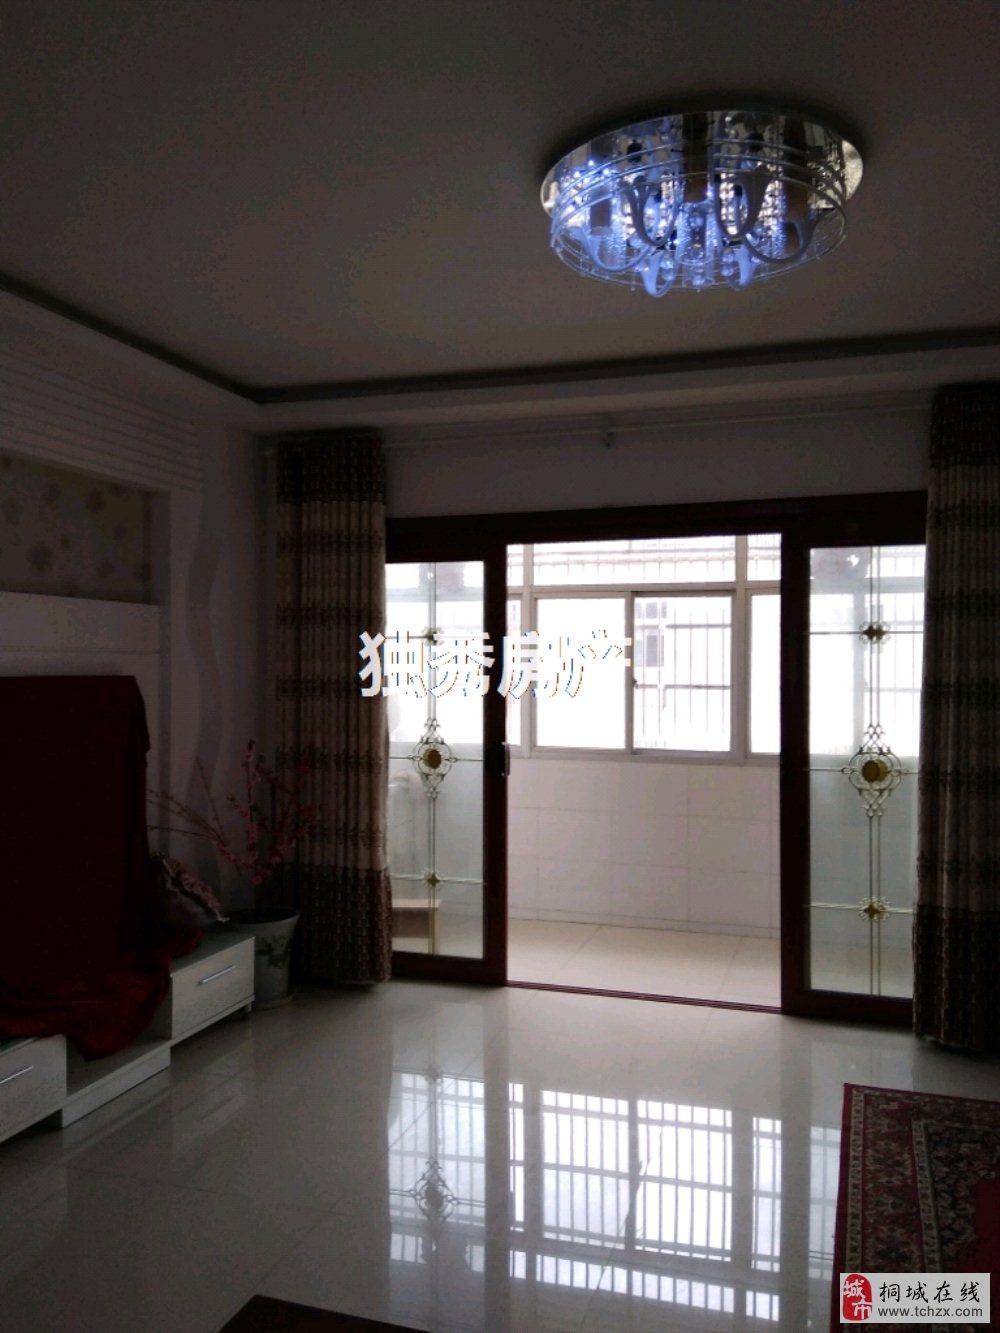 钱庄小区,精装3室2厅,视野开阔,环境优美诚意售